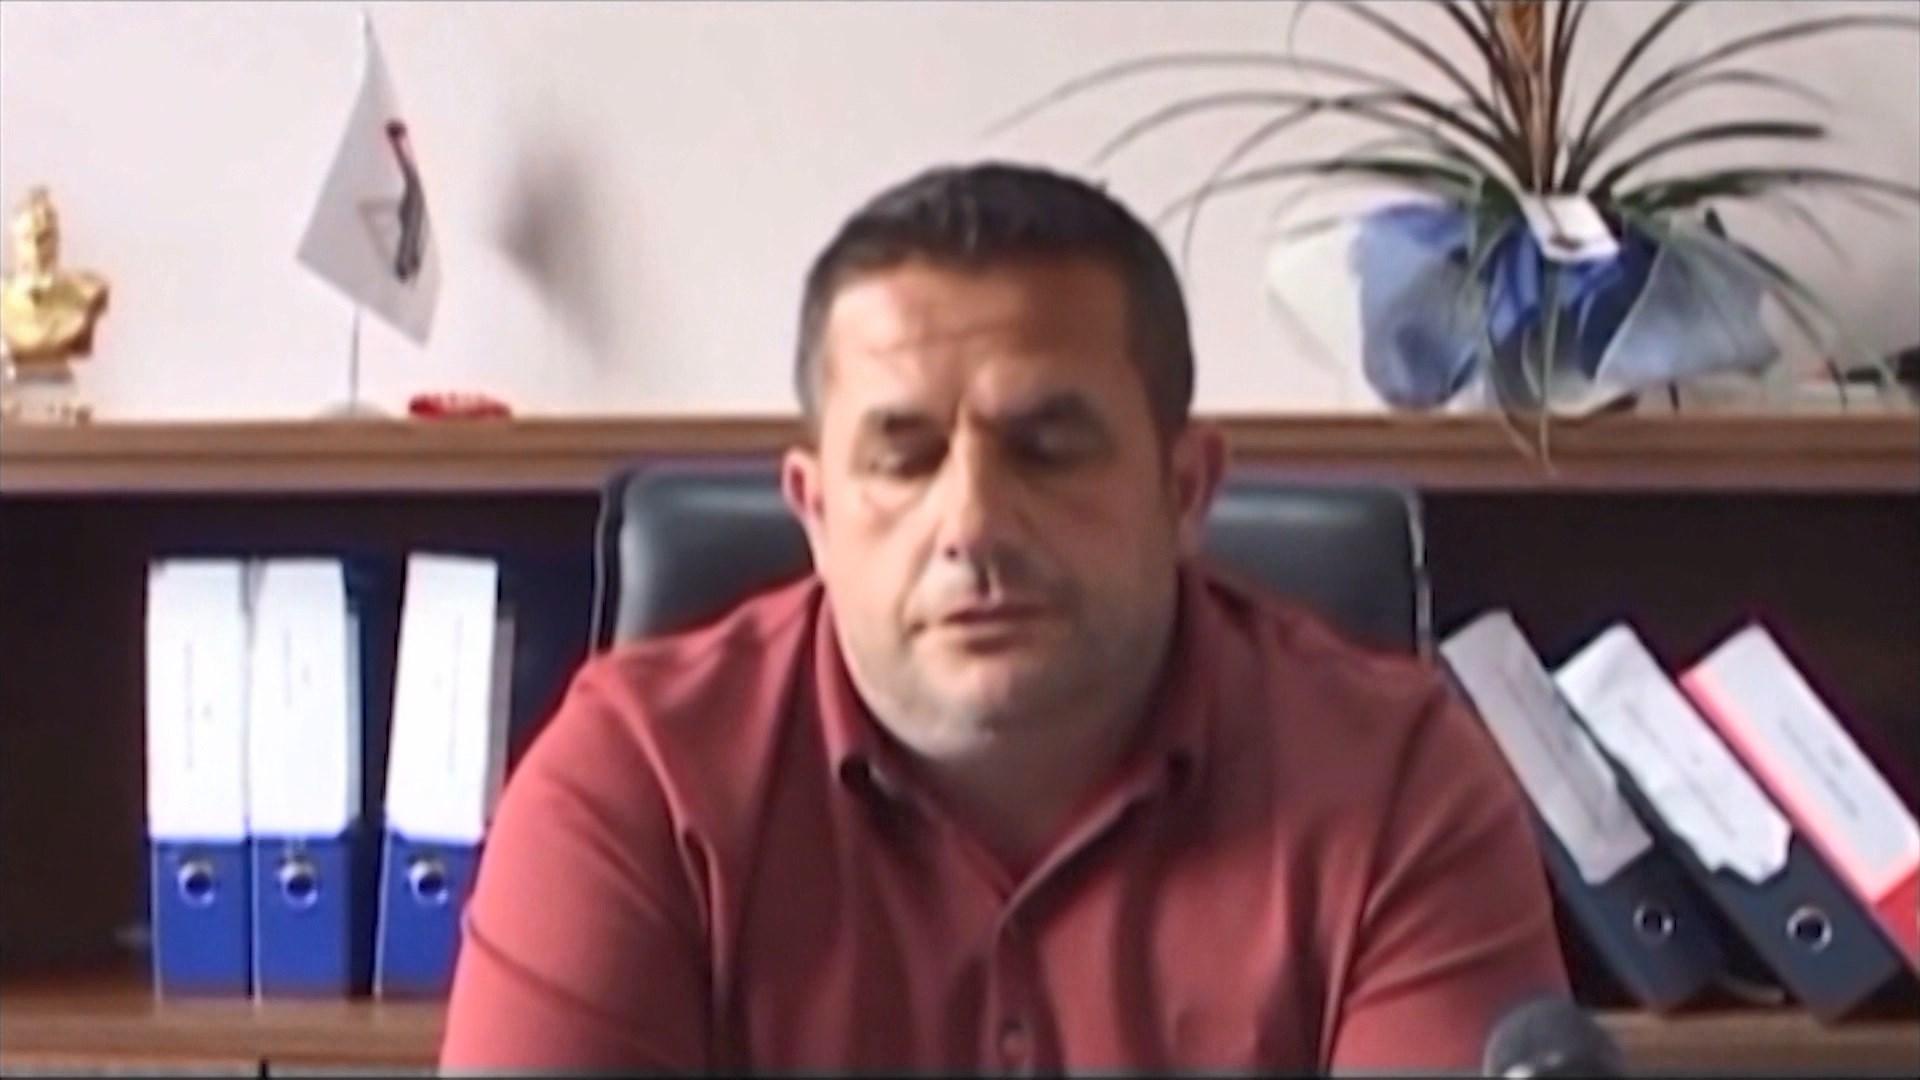 Operacion policor në Shkodër, kërkohej Klement Balili